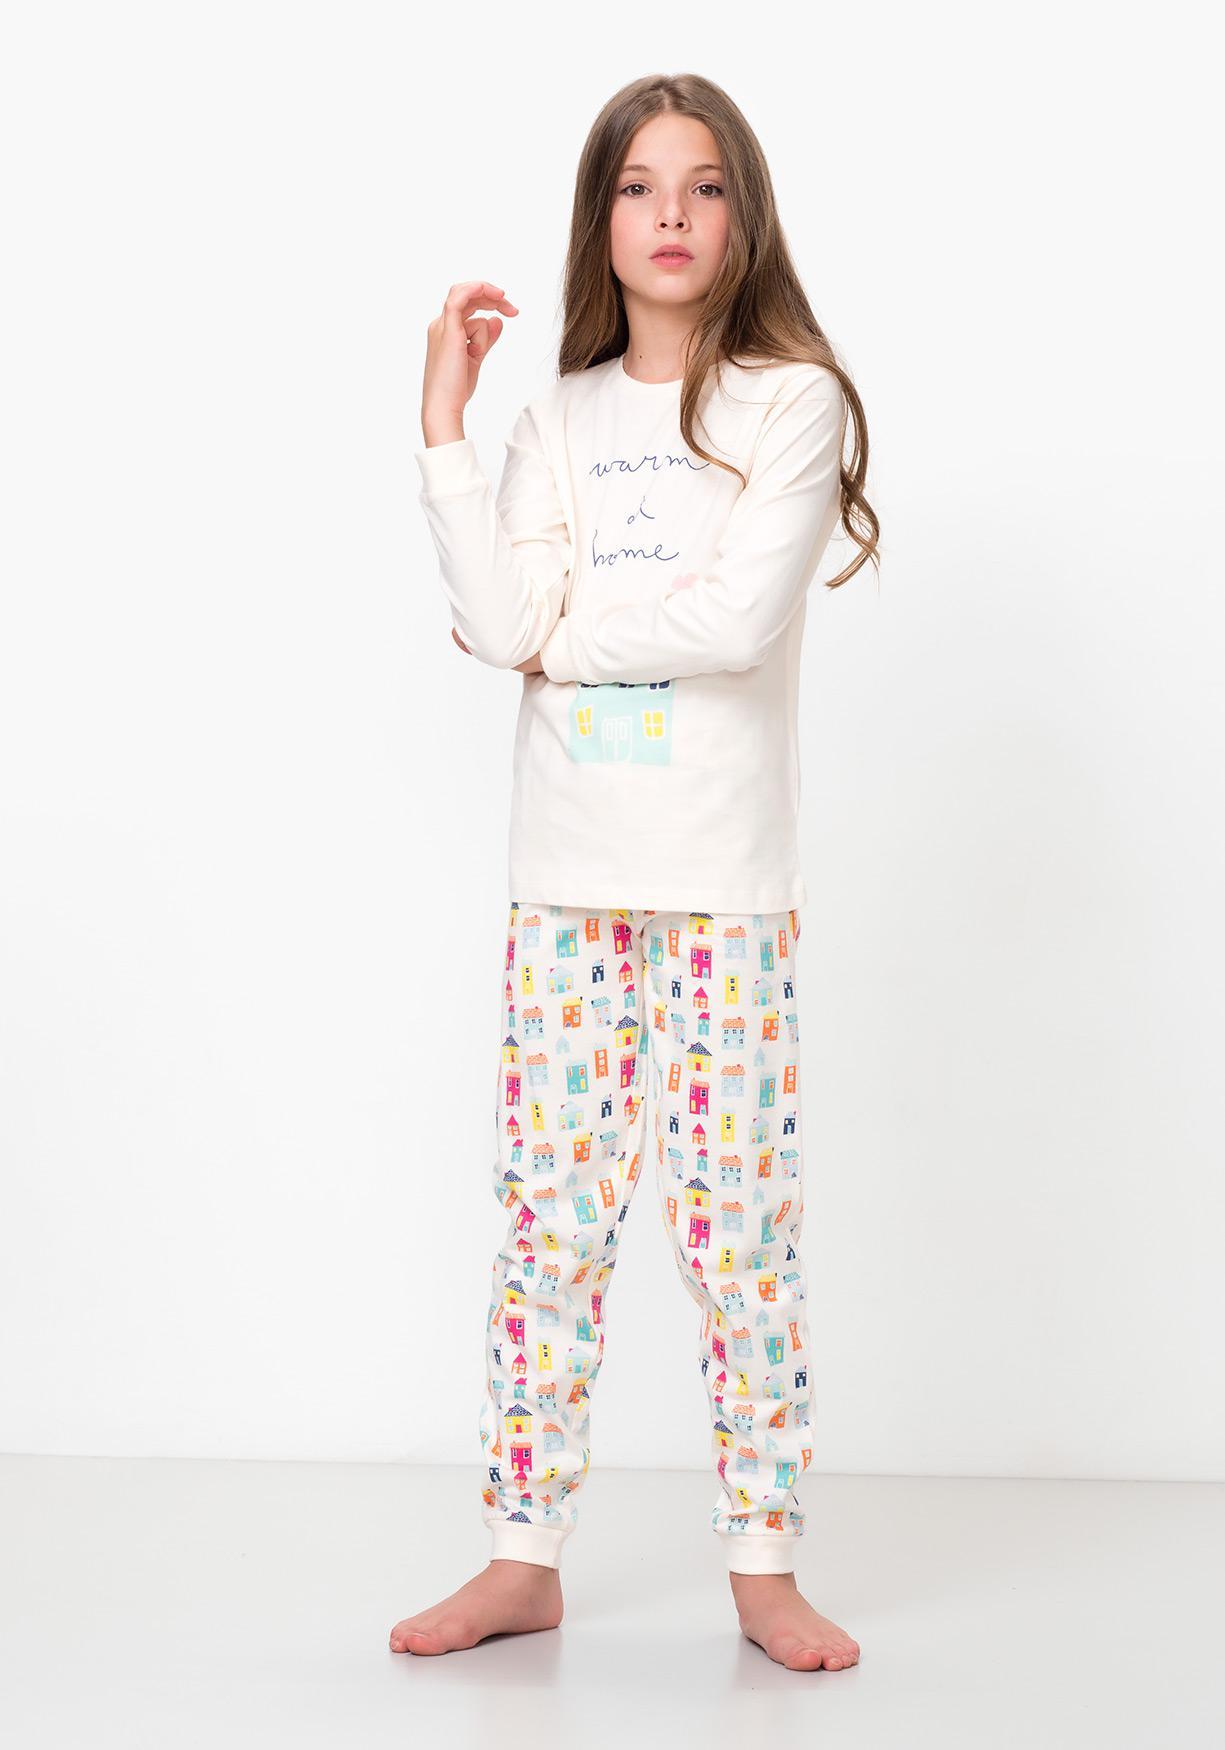 e0f877e31 Compra Pijama Algodón Hombre Manga Larga Cerrado